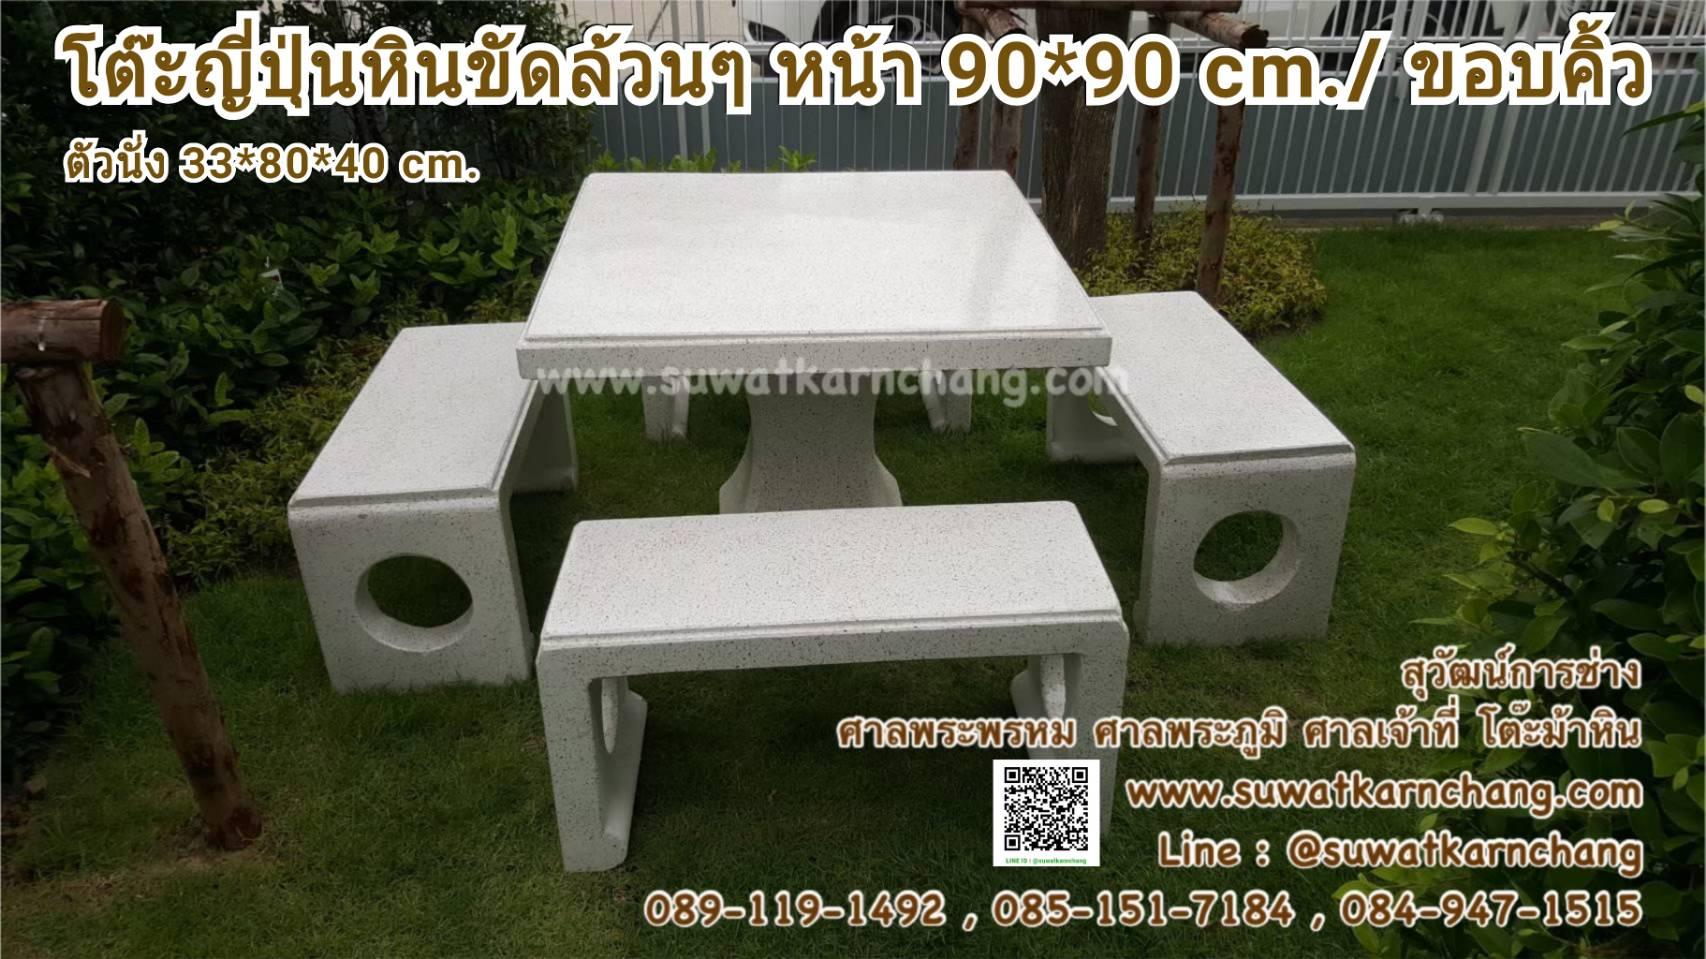 โต๊ะญี่ปุ่นหินขัดล้วนๆ  หน้า 90*90 ซม. ตัวนั่ง 4 ตัว ขอบคิ้ว